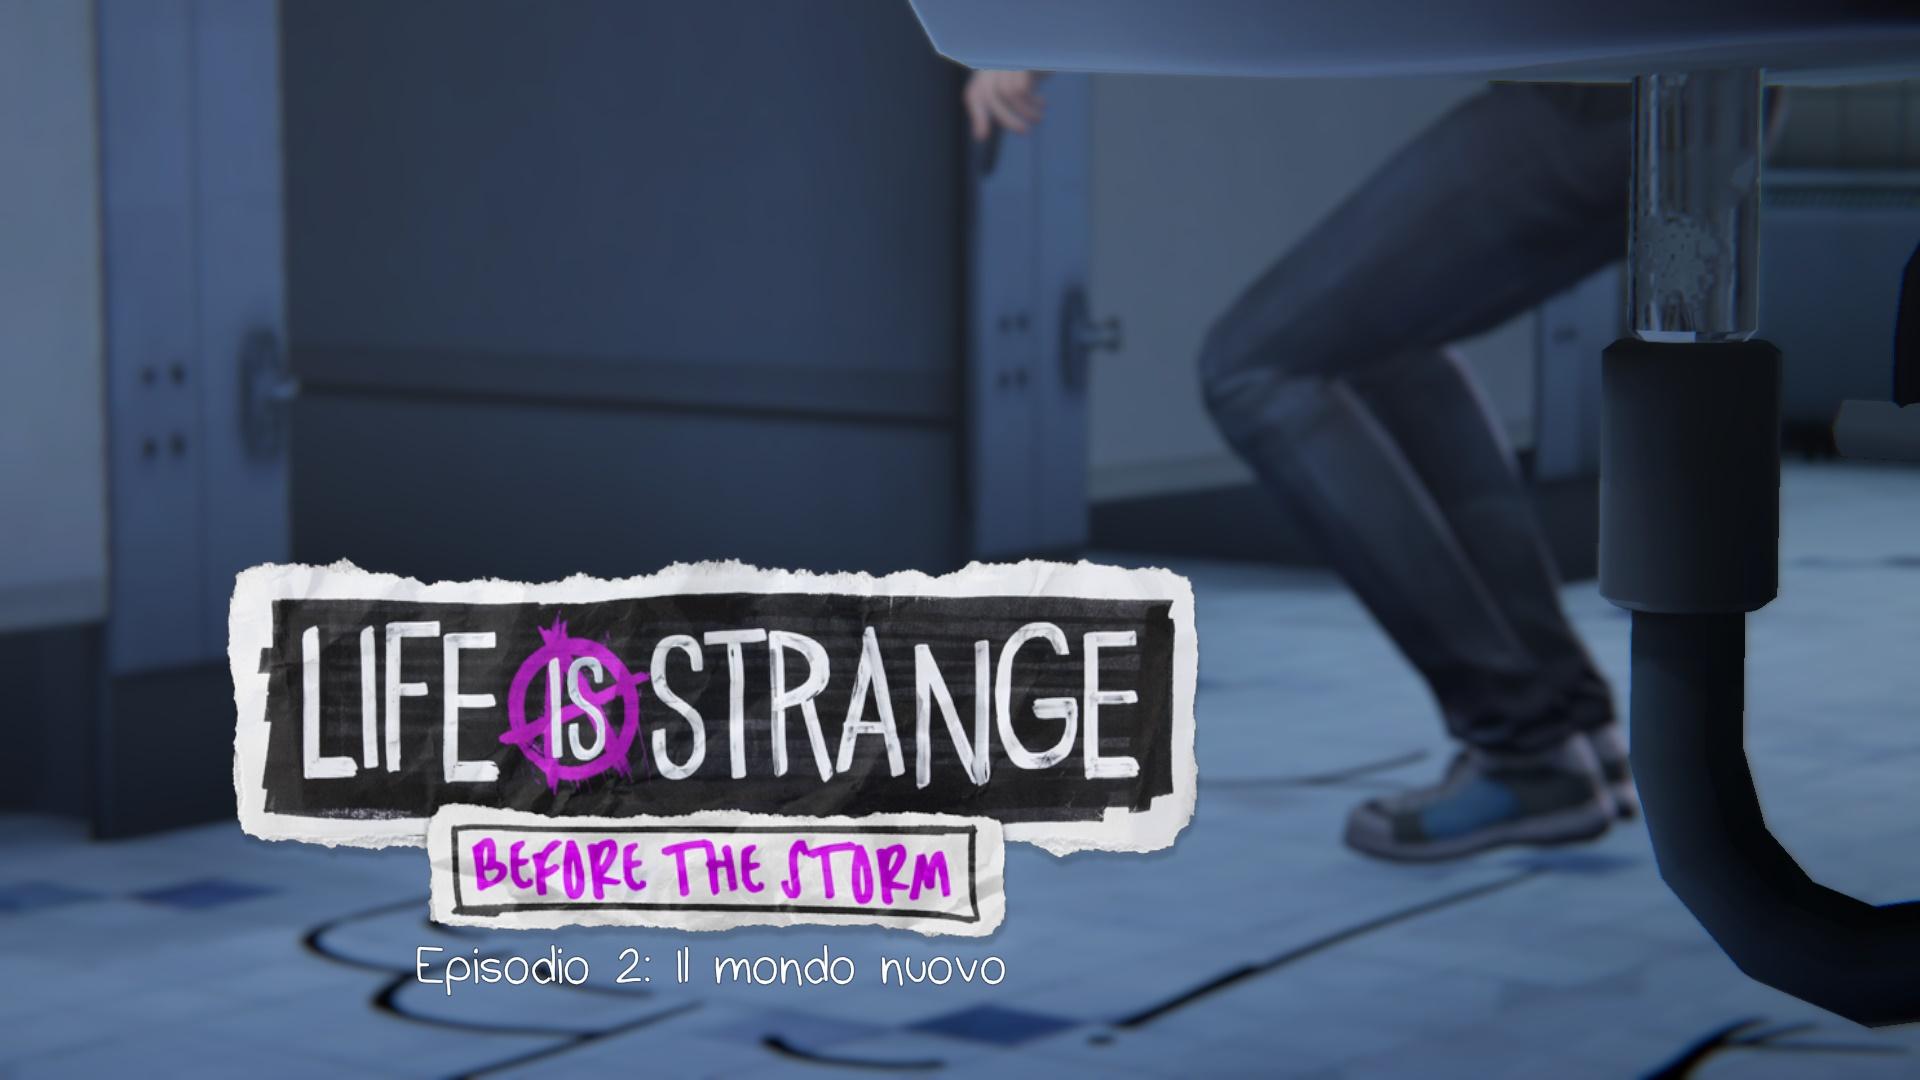 Guida ai Graffiti di Life is Strange: Before the Storm – Episodio 2: Il mondo nuovo